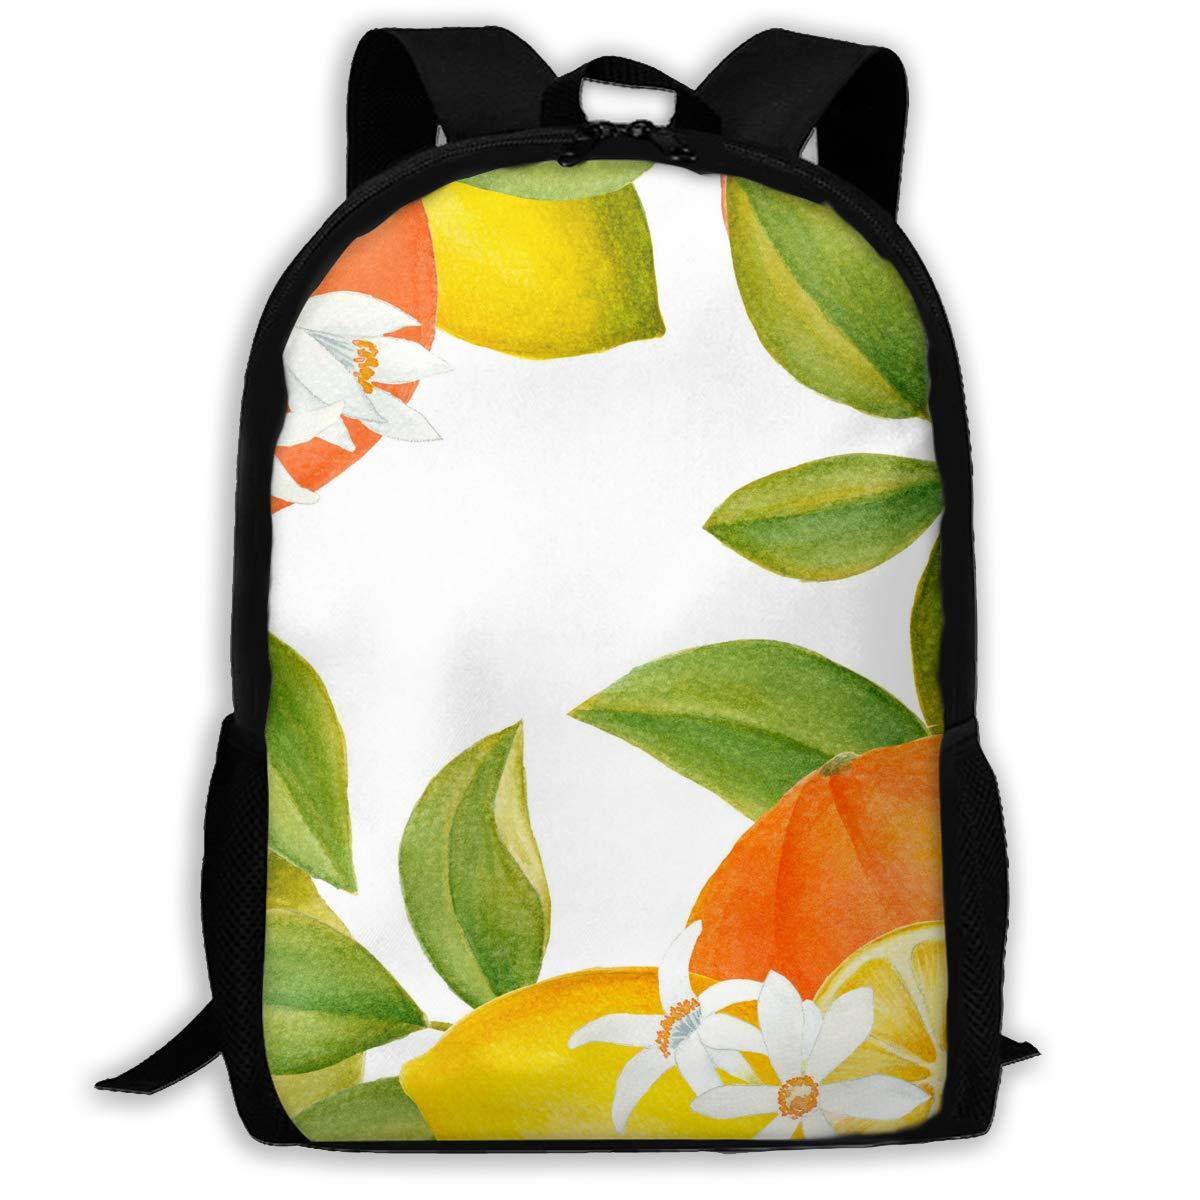 Bookbag clipart green backpack. Amazon com for girls